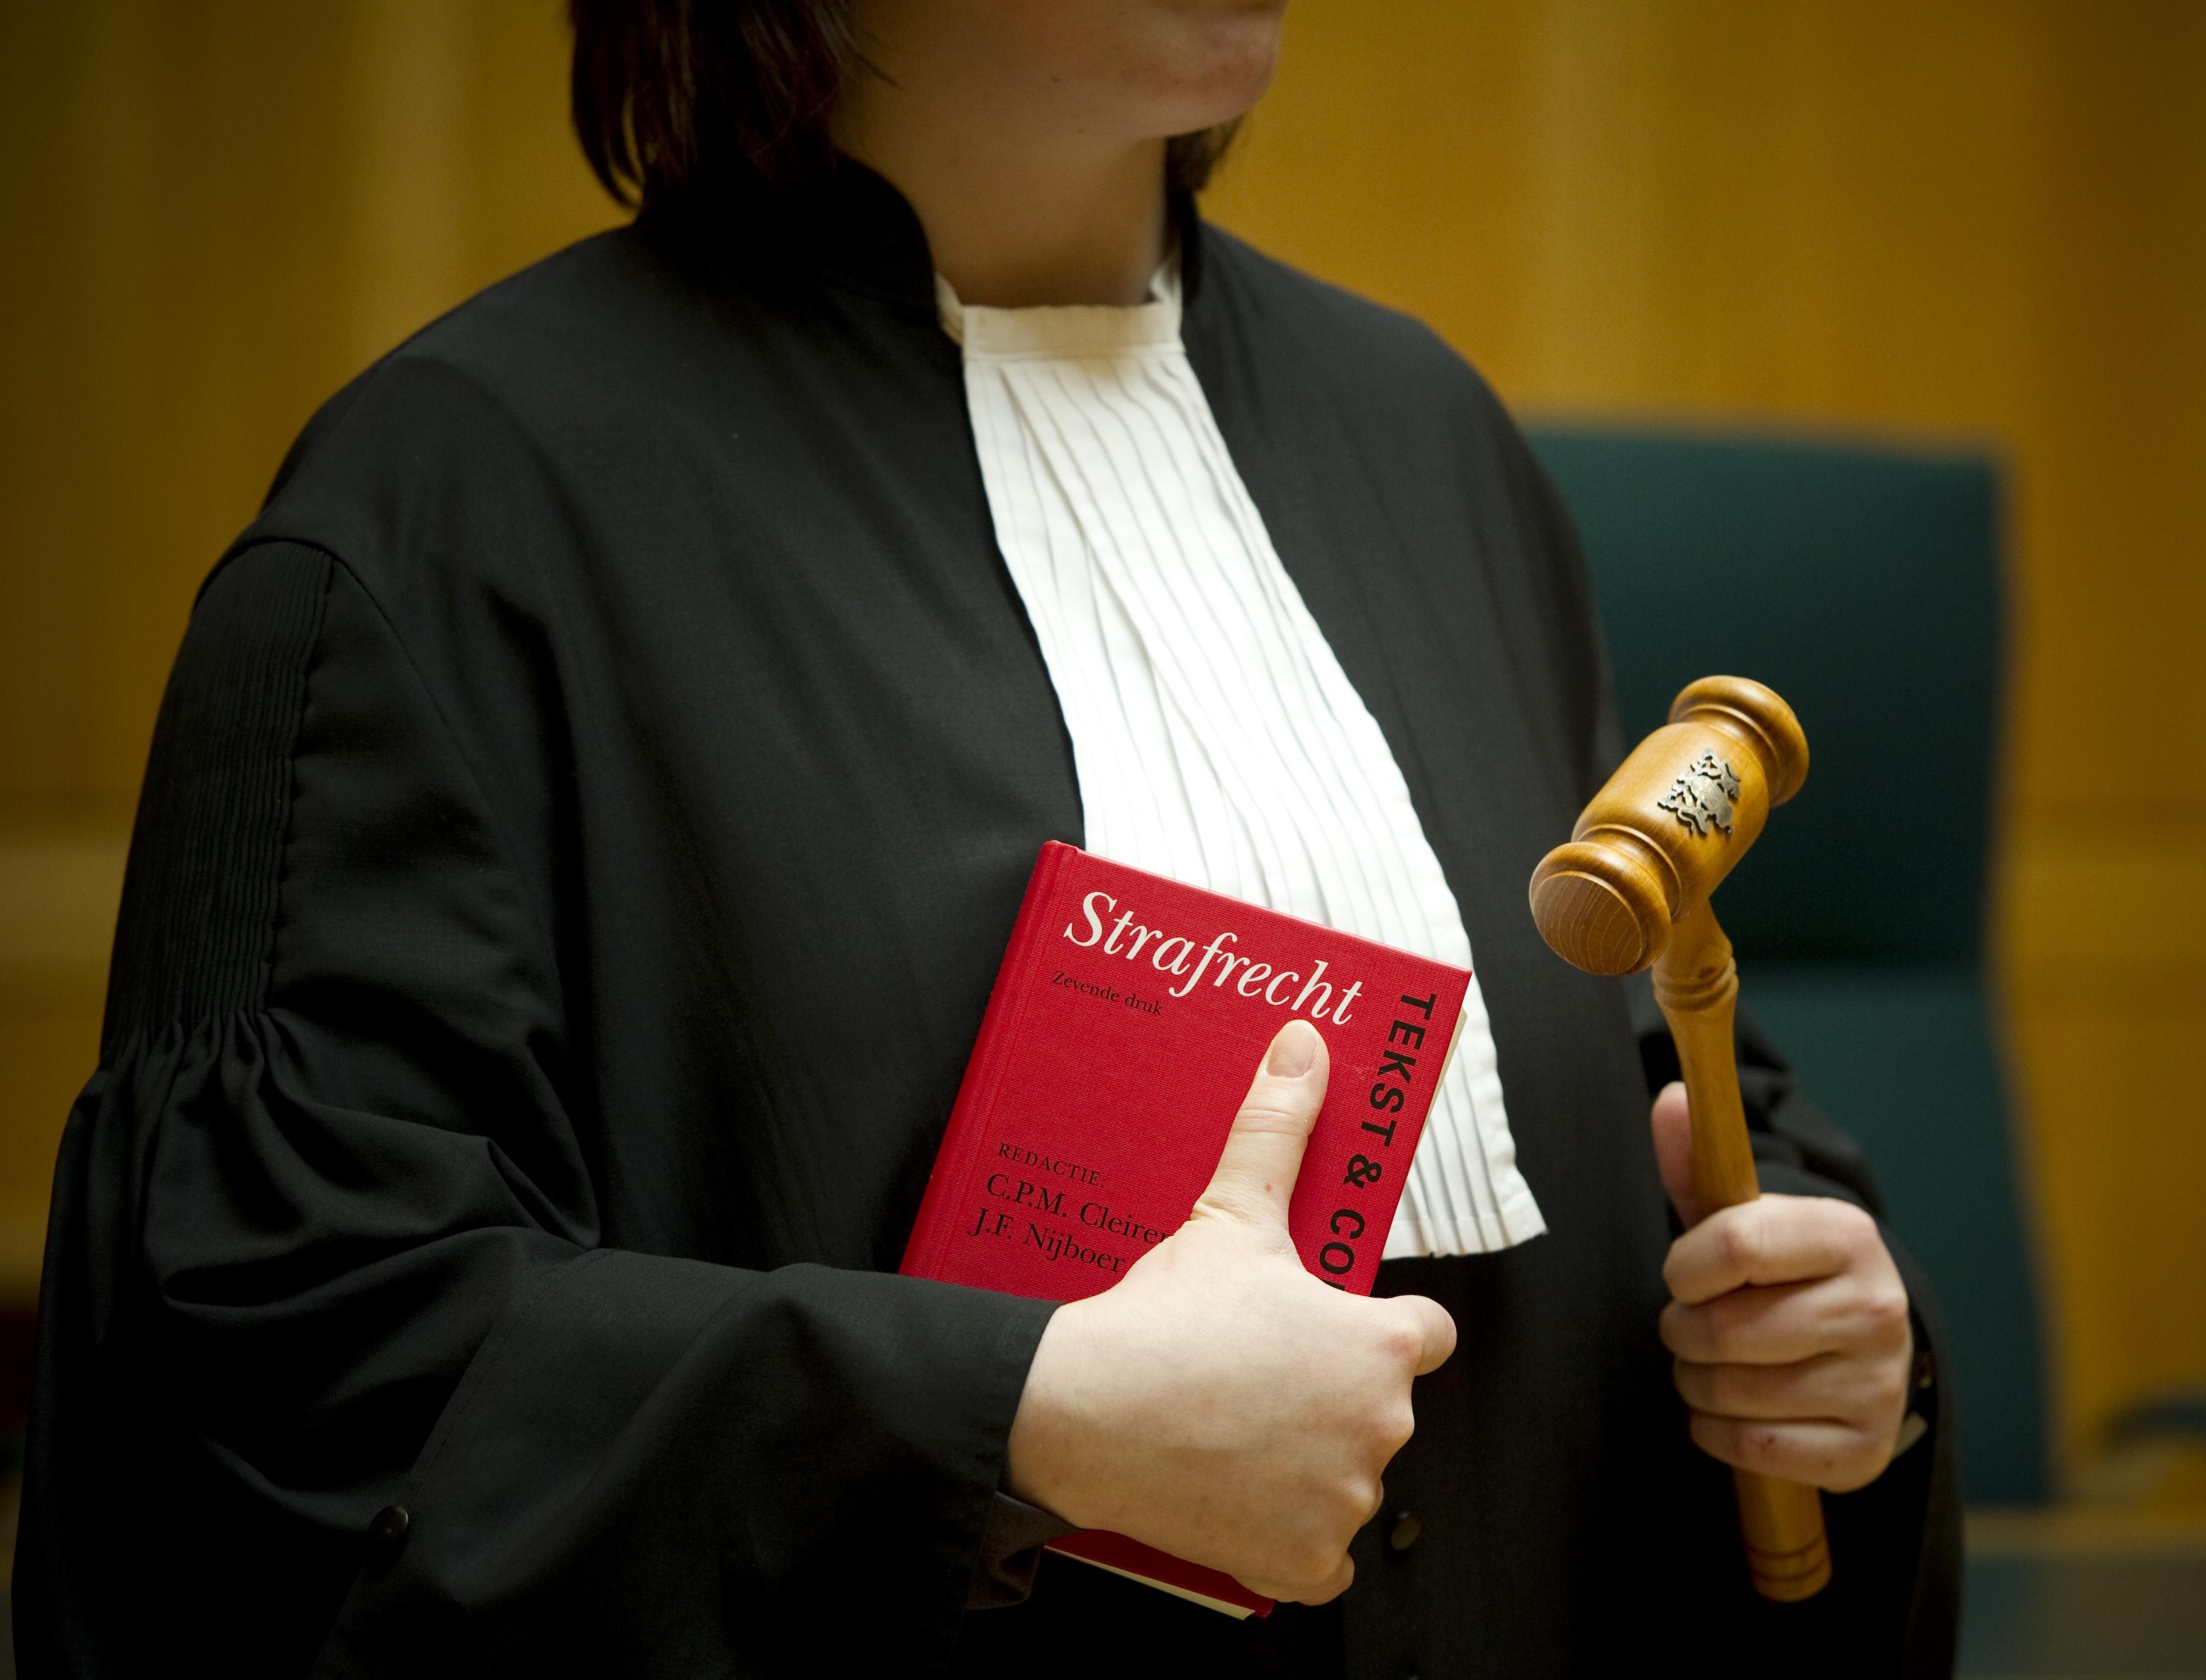 OM daagt drie militairen voor aanranding marinebasis Den Helder